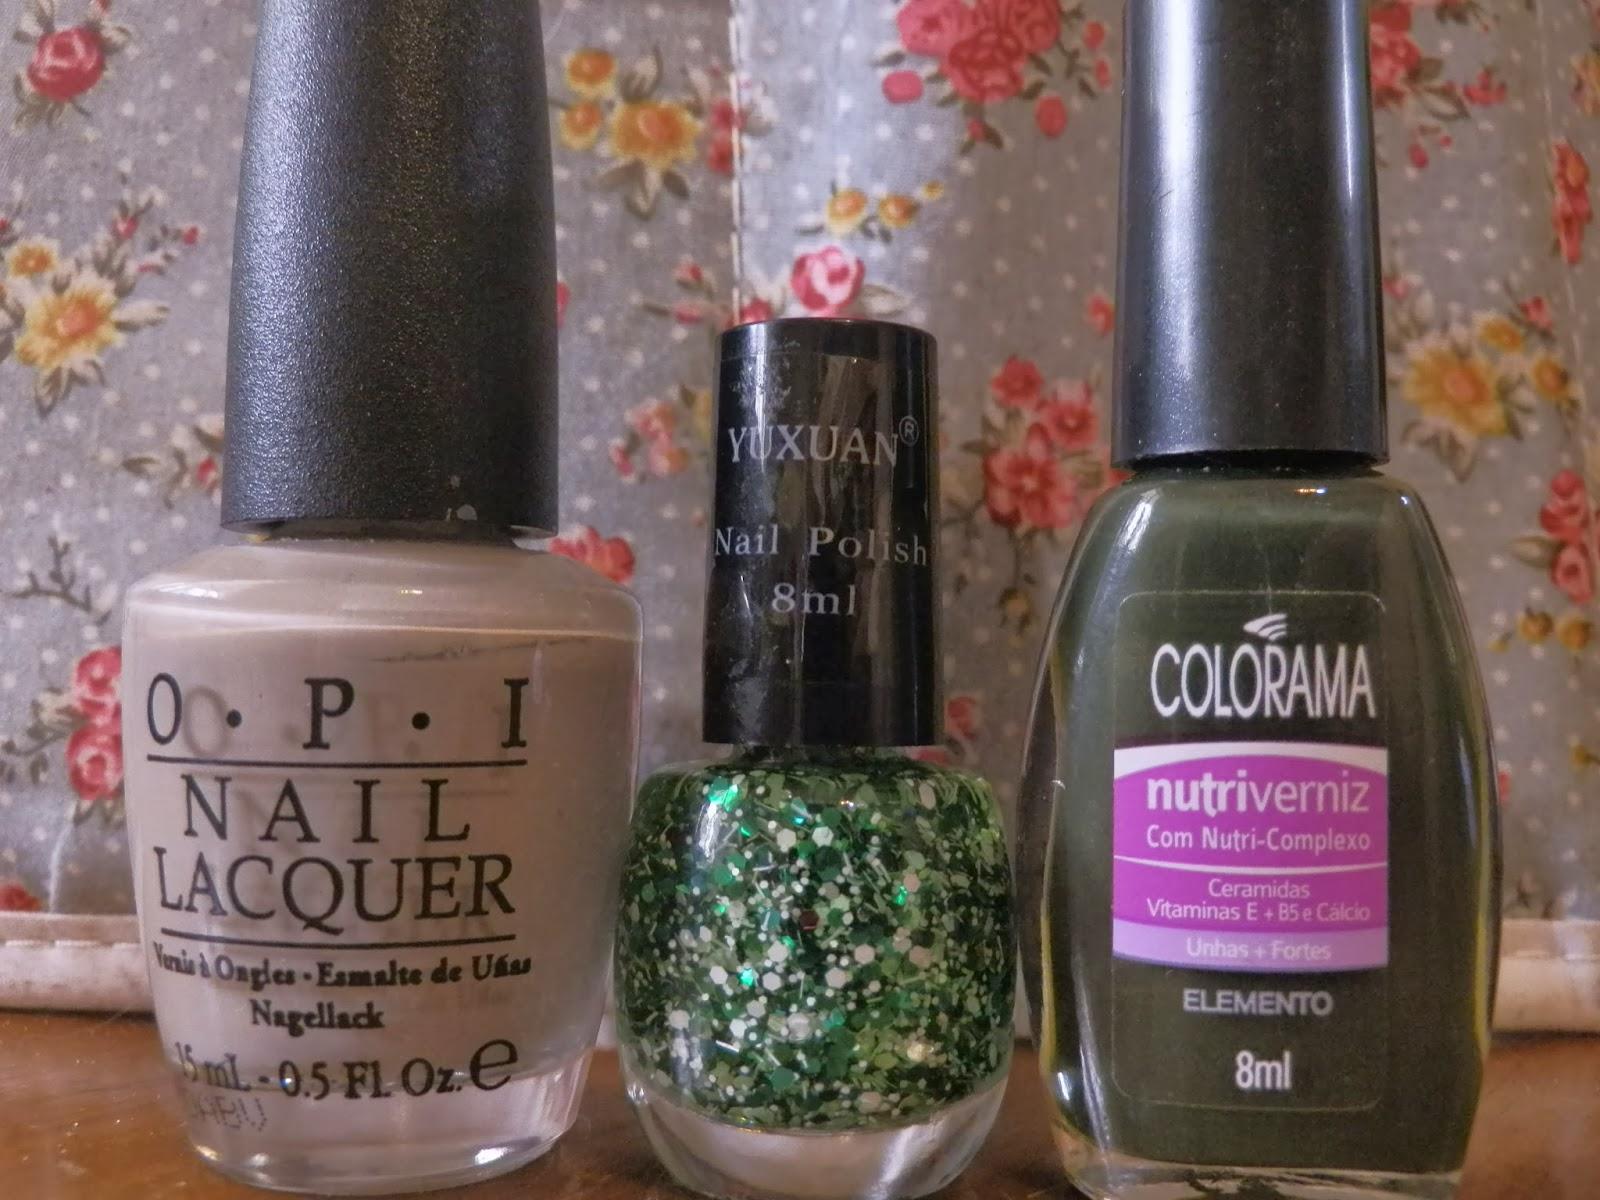 OPI_gris_colorama_tono_elemento_green_glitter